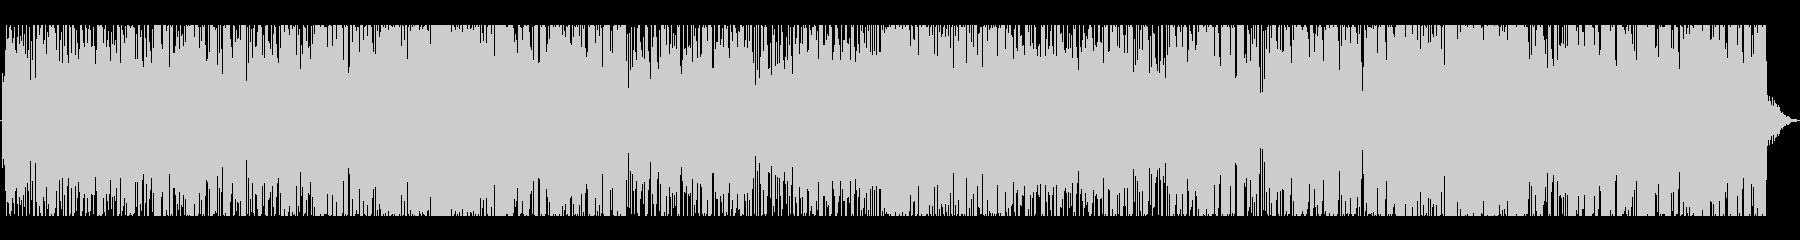 爽やかで印象的・キャッチーなフュージョンの未再生の波形